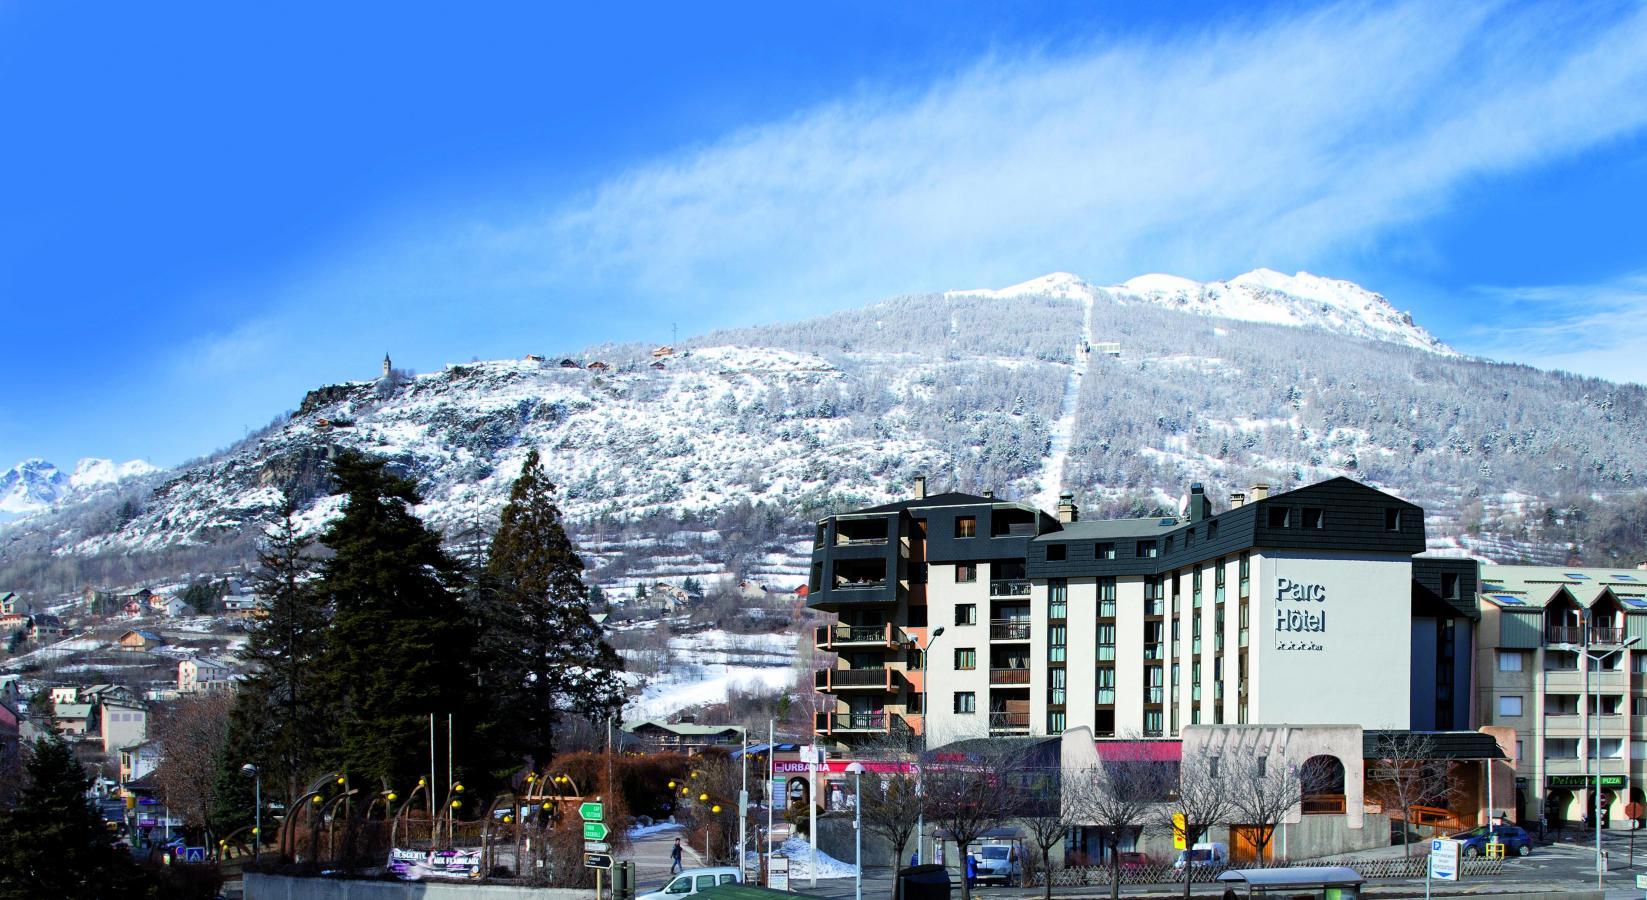 Chambre Supérieure (2 personnes). Le Parc Hotel est parfaitement situé au centre de la ville de Briançon - Serre Chevalier 1200.